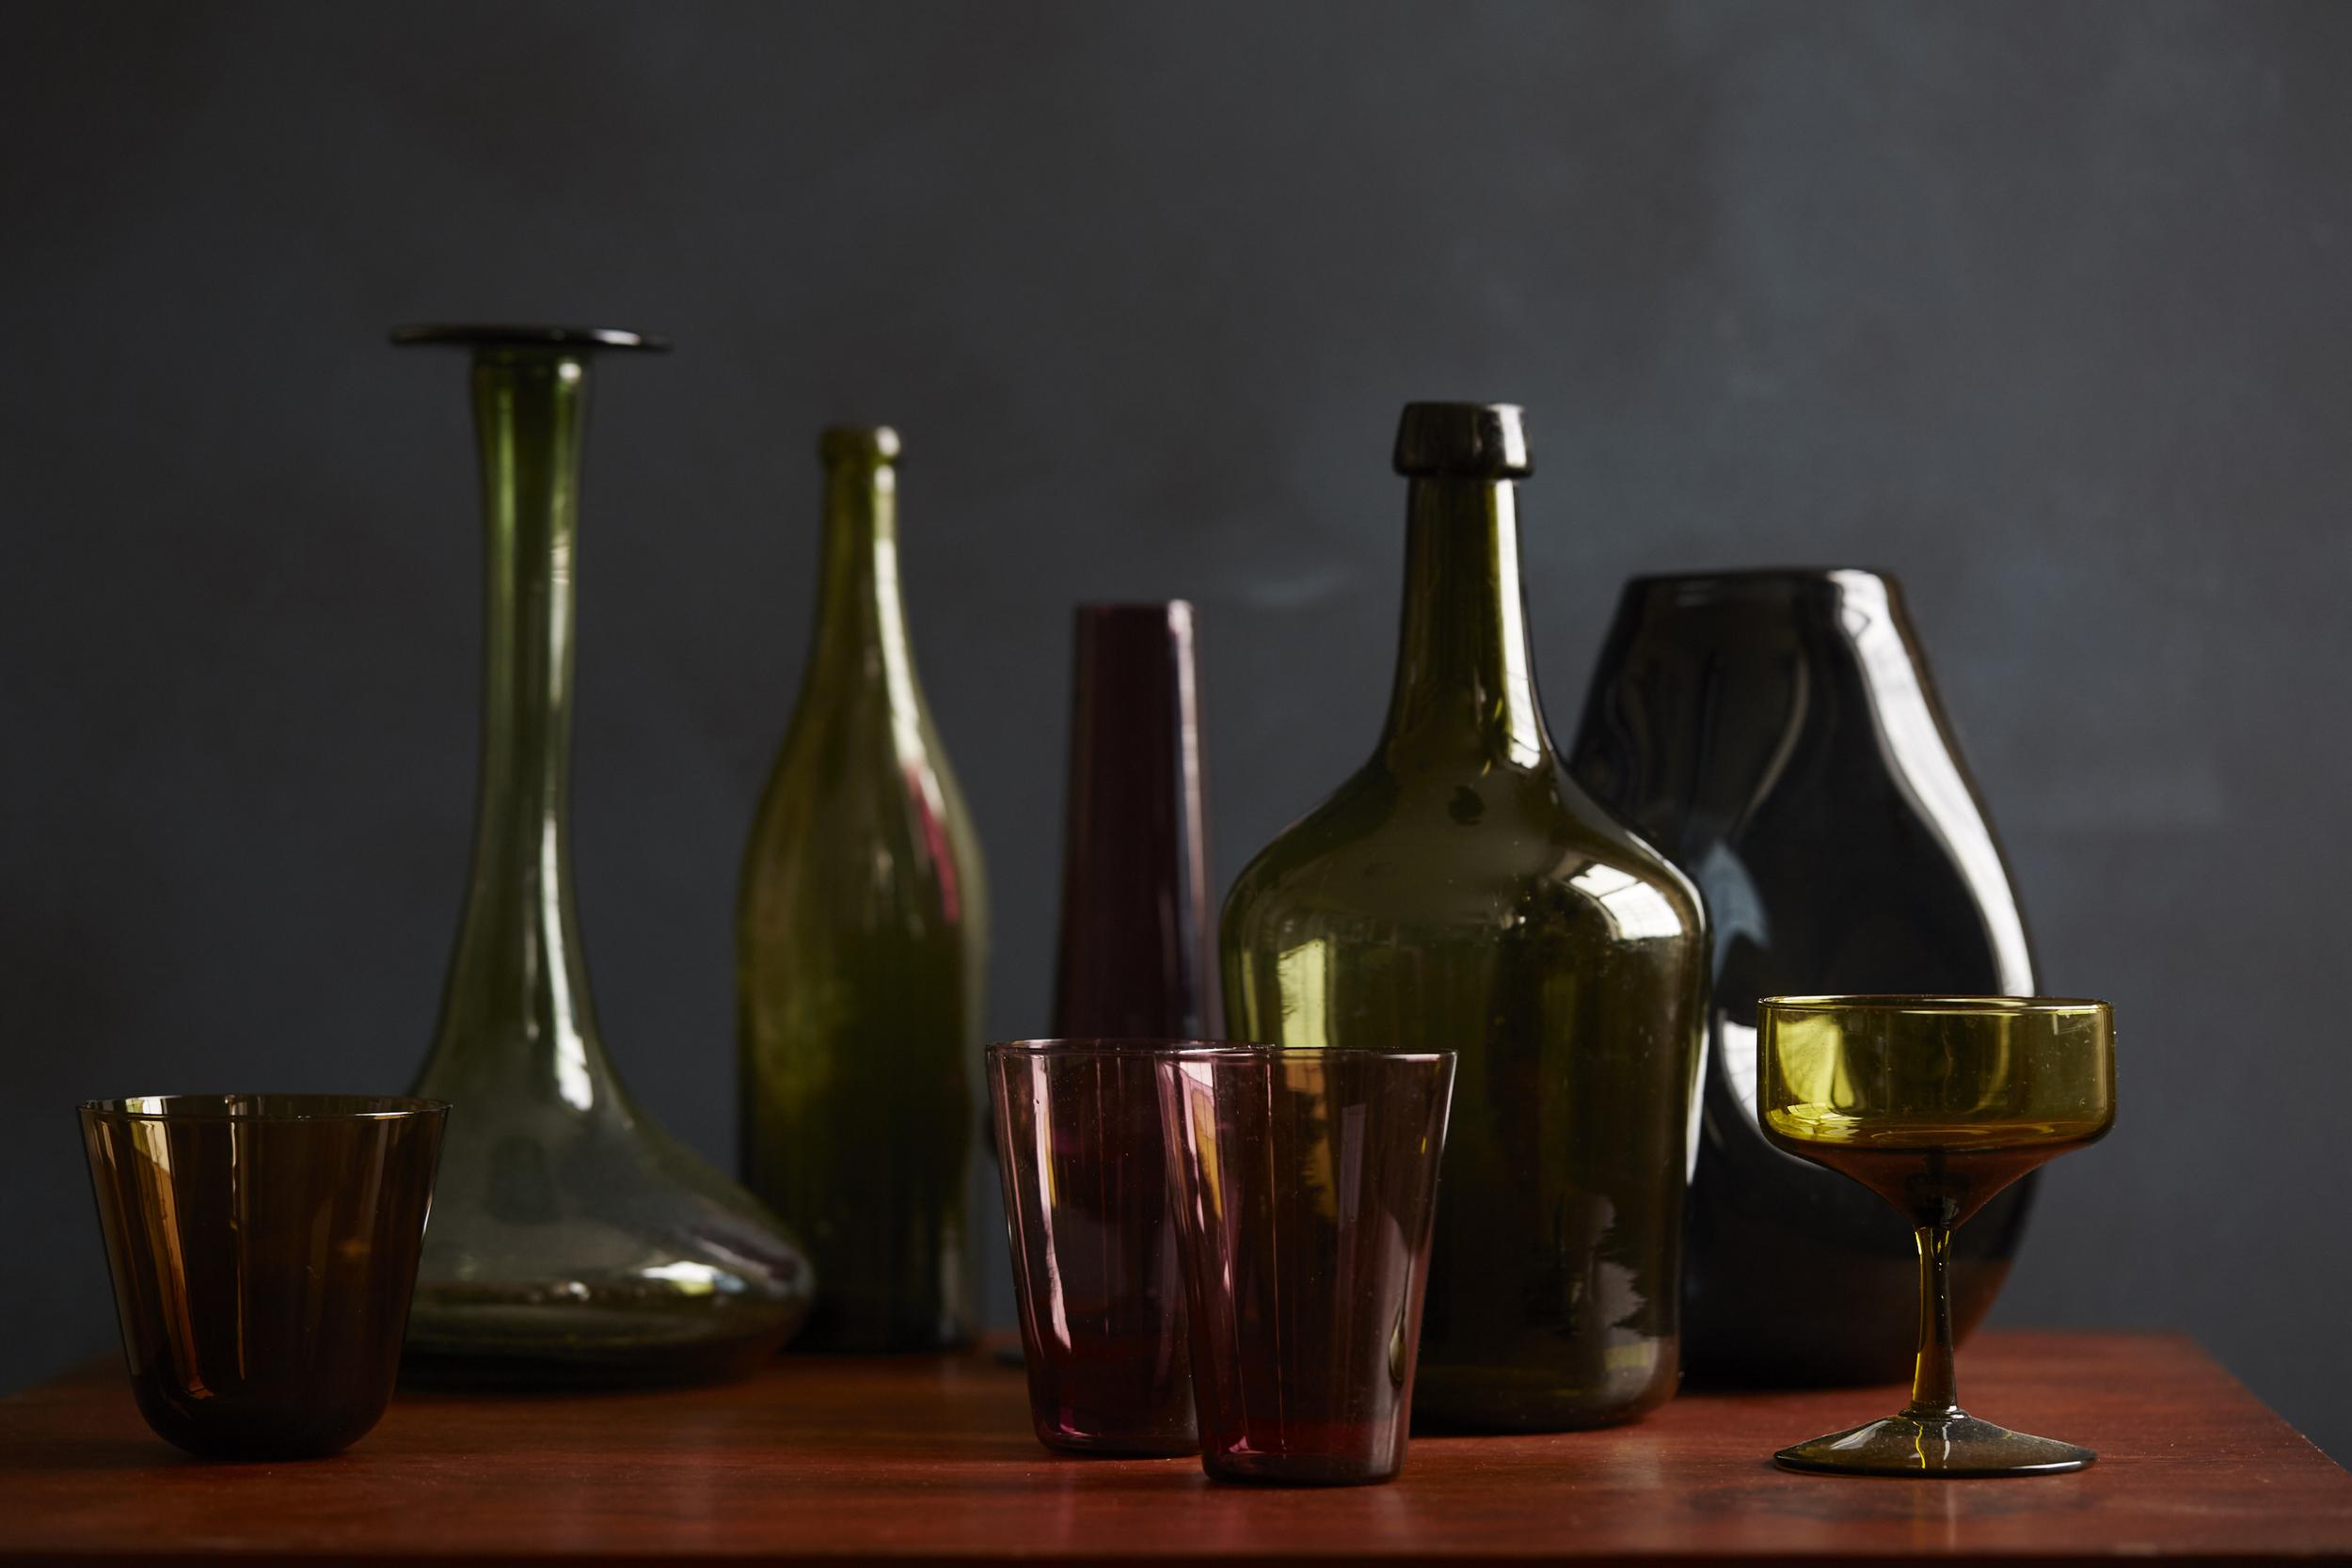 Evi-Abeler-Still-Life-Photography-bottles